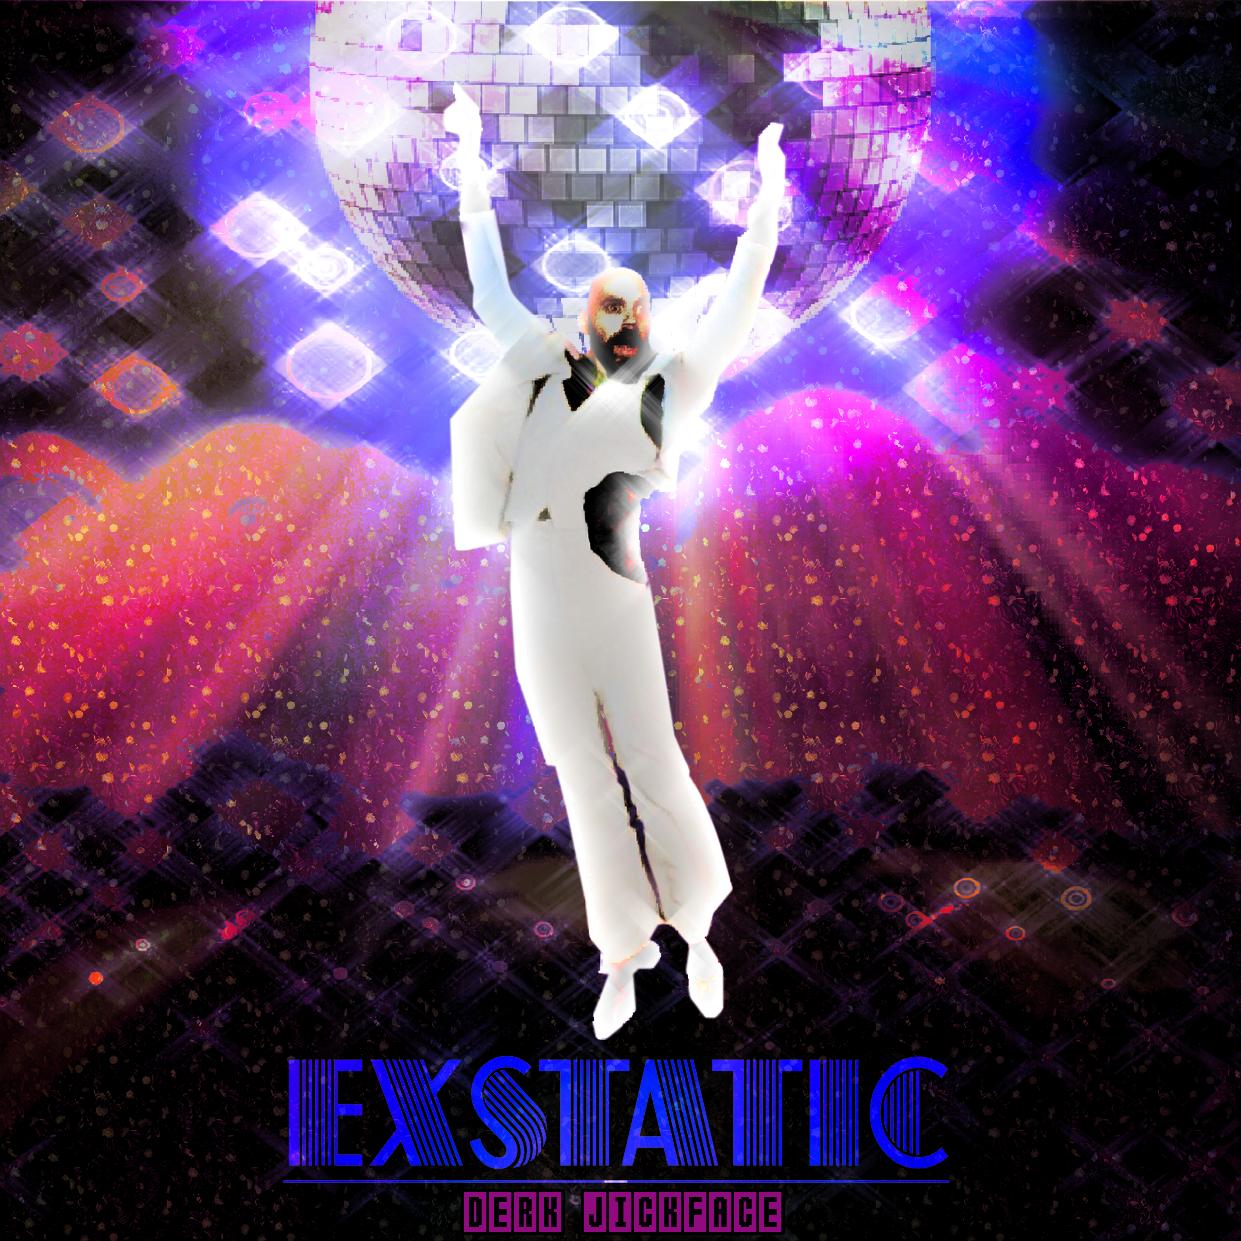 Album Cover design - Exstatic